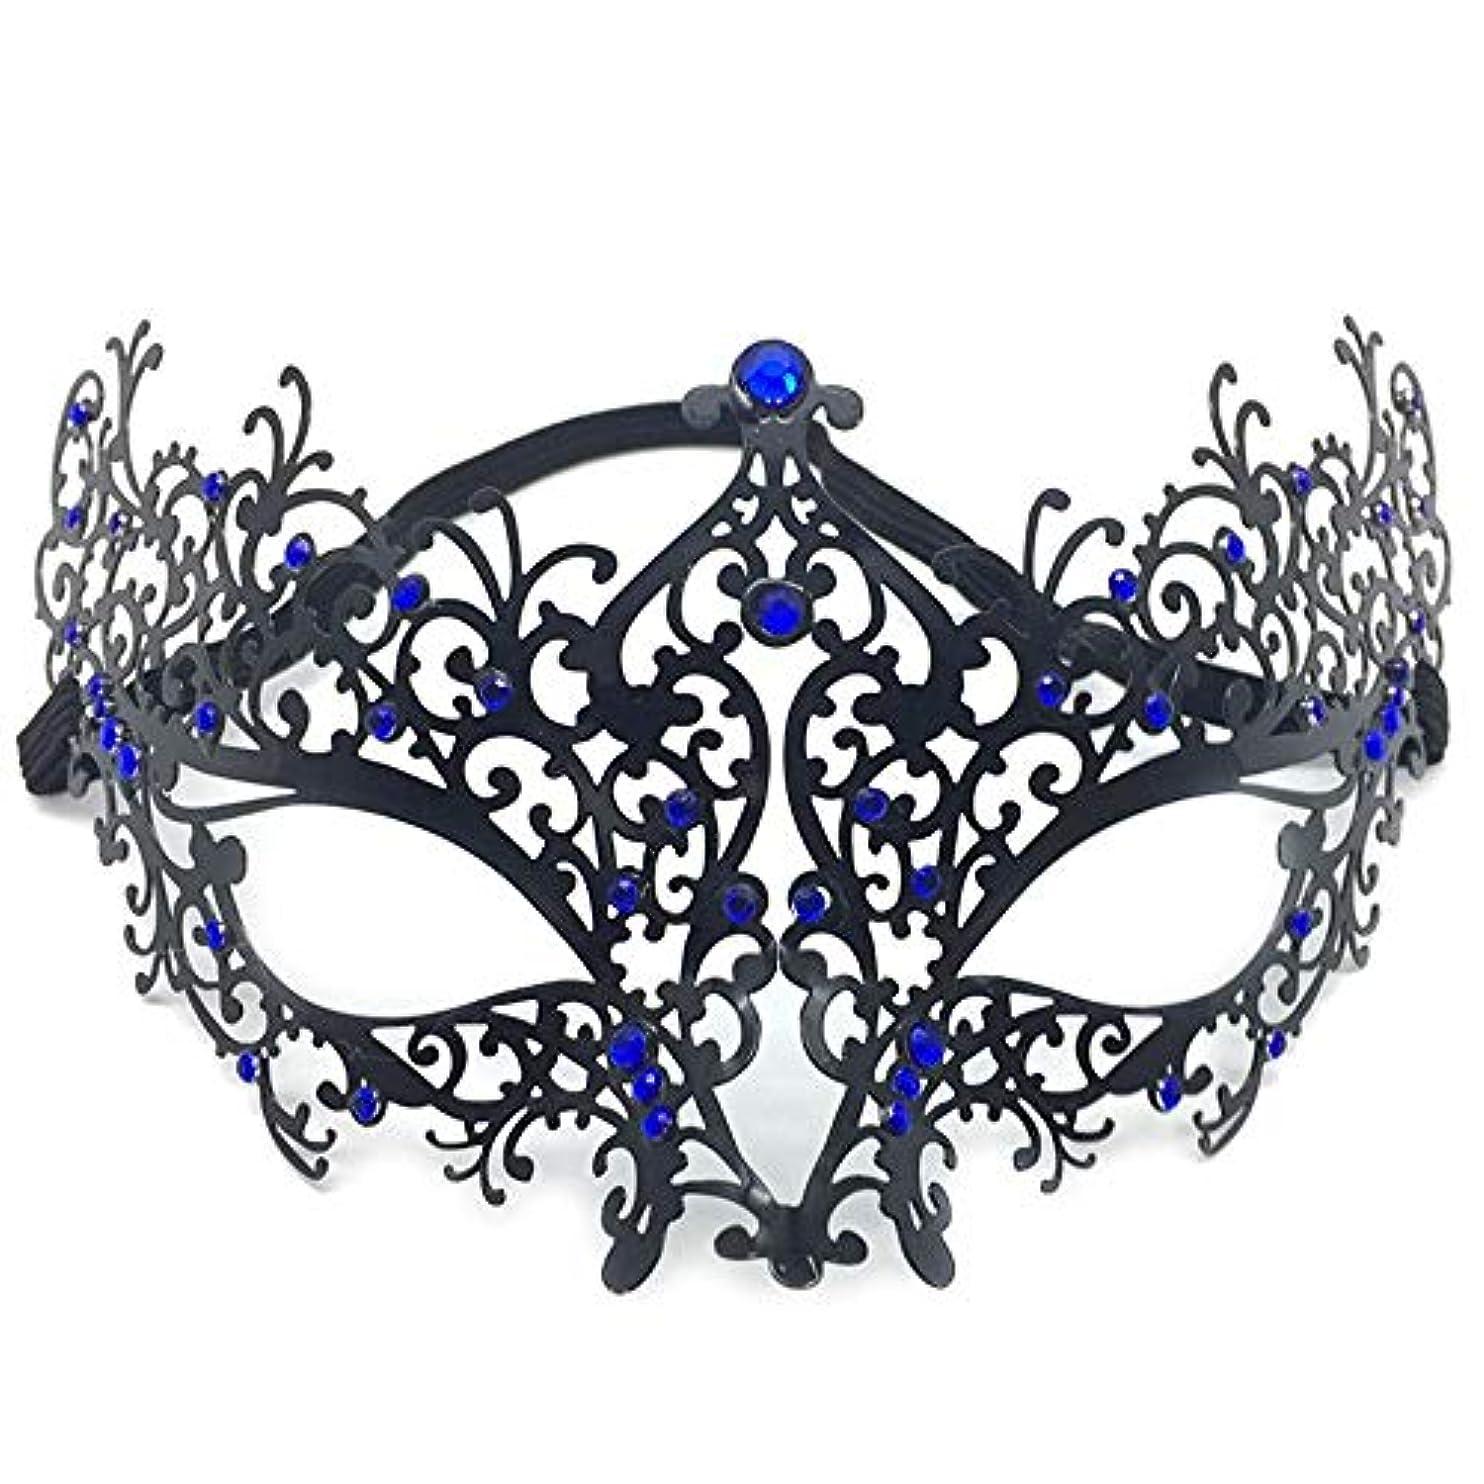 巨人ペスト石ハロウィーンマスク仮装アイアンマスクパーティードレスアップメタルダイヤモンドハーフフェイスマスク (Color : RED)